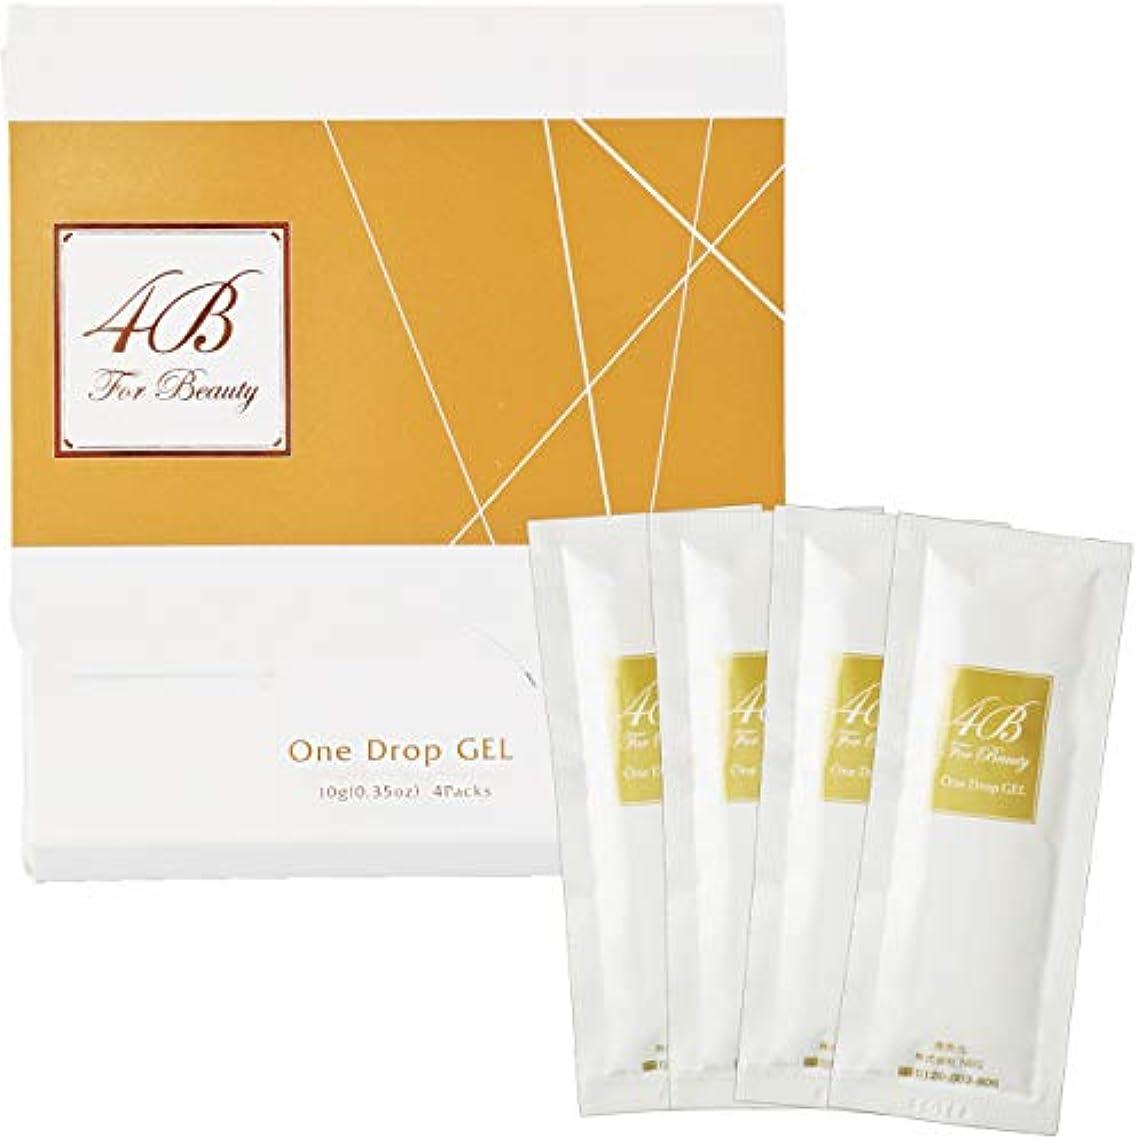 執着臭い士気4B One Drop Gel(フォービー ワンドロップジェル)混ぜない炭酸パック 1剤式 10g×4包